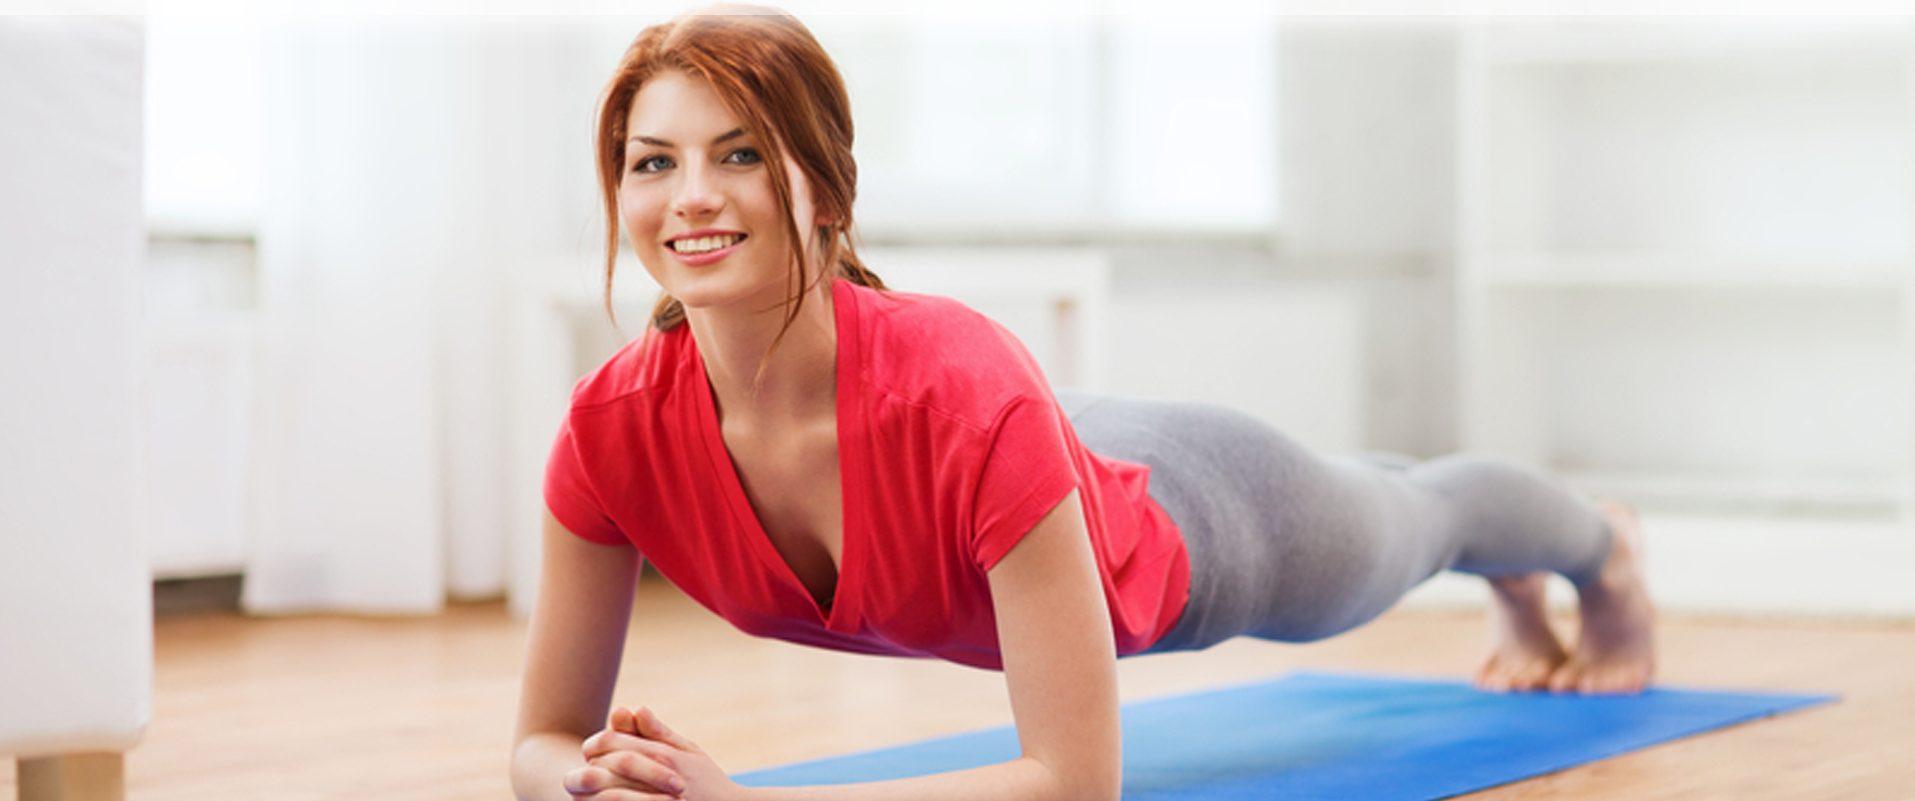 Домашняя фитнес-тренировка за 7 минут